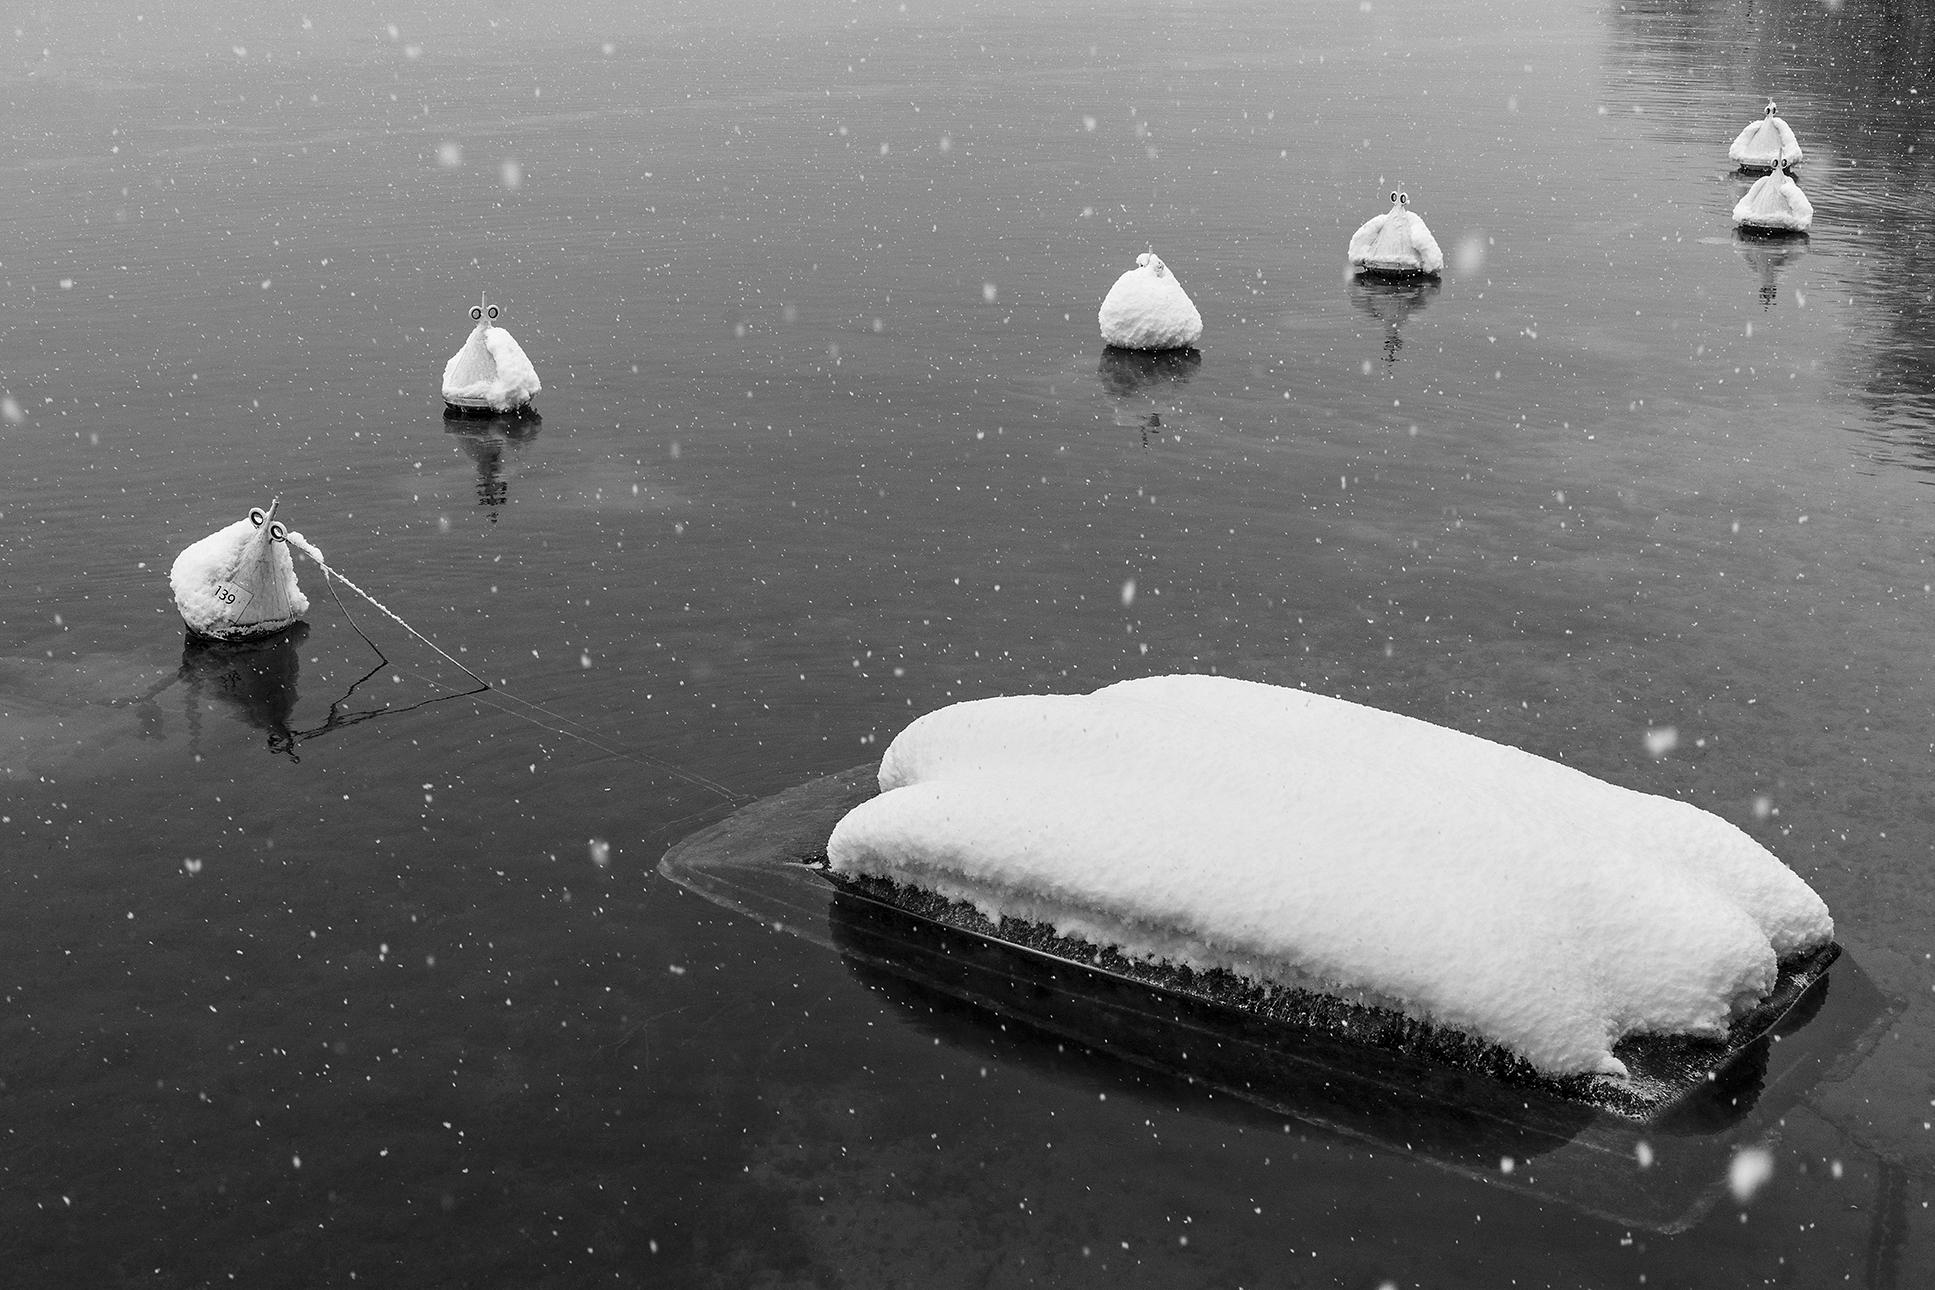 chavirage-Annecy-février-2013.jpg